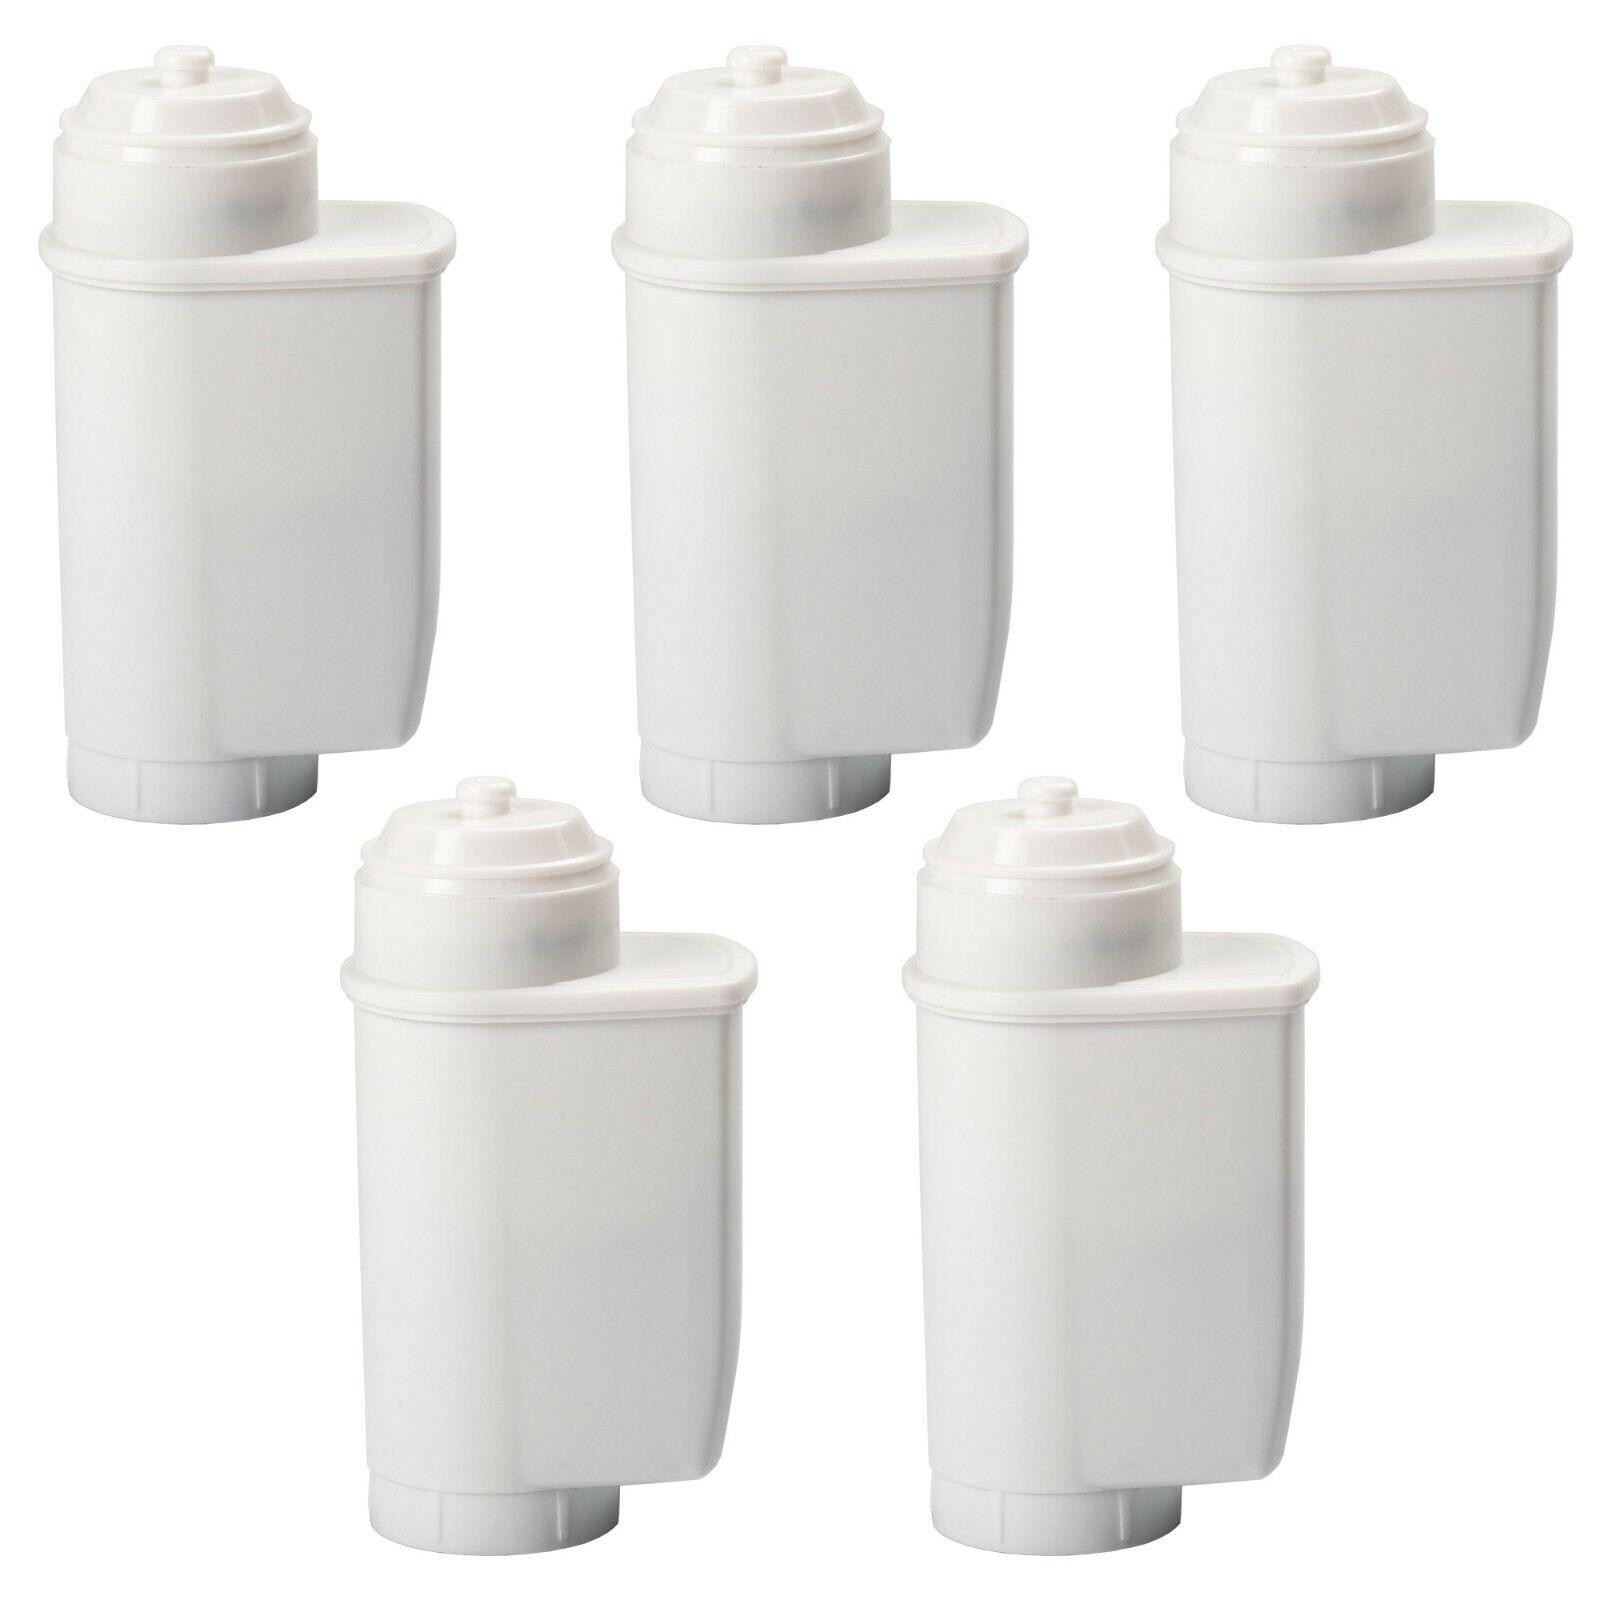 SIEMENS 9 x TZ70003 Wasserfilter Brita Intenza Filterpatrone EQ7 EQ8 EQ9 Filter